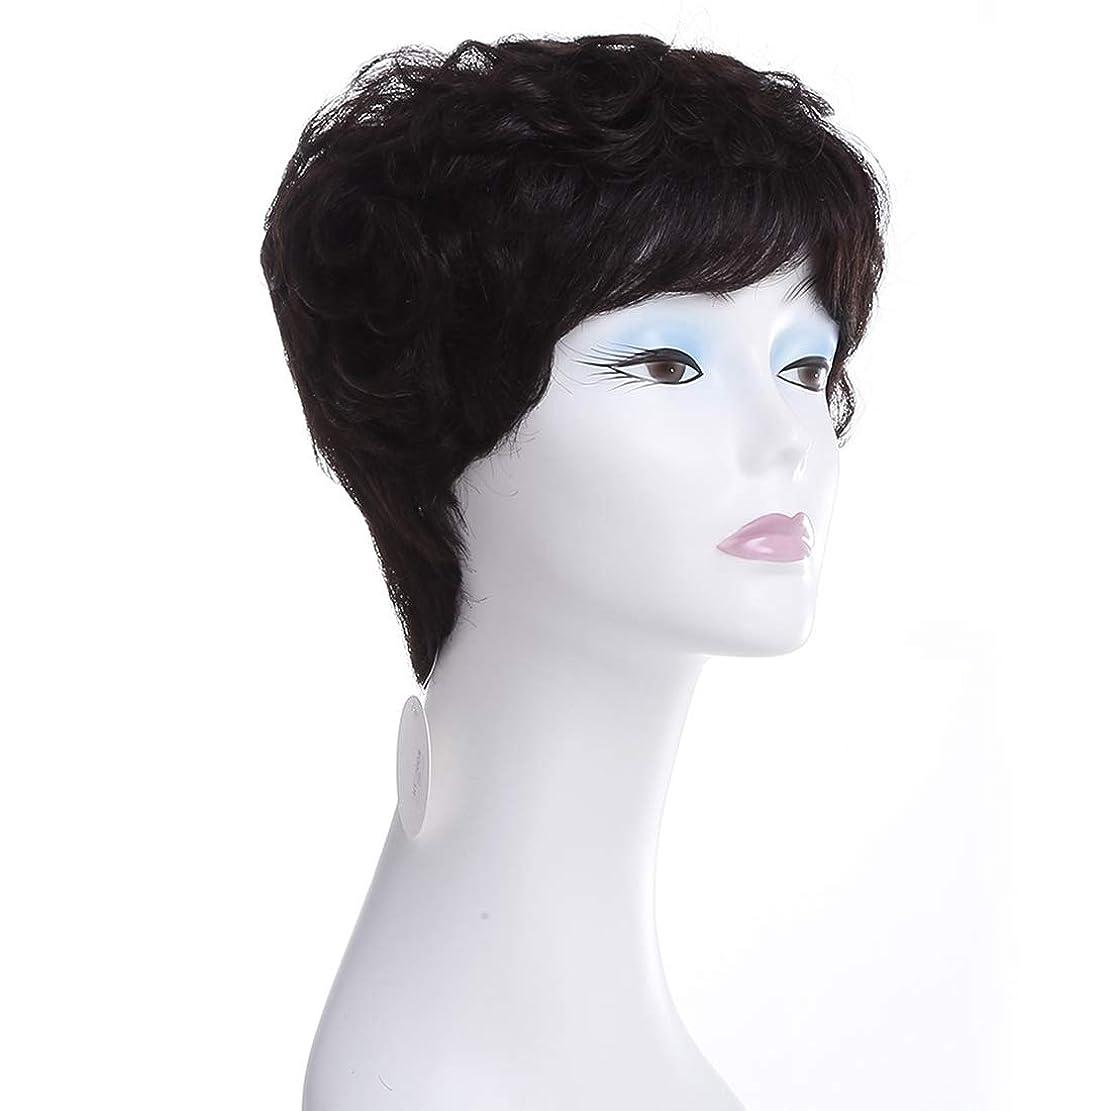 アウター要求するシェルターKoloeplf ヨーロッパとアメリカのショートカーリーヘアウィッグ100%リアルヘアミスターリアルヘアウィッグ (Color : Natural black)